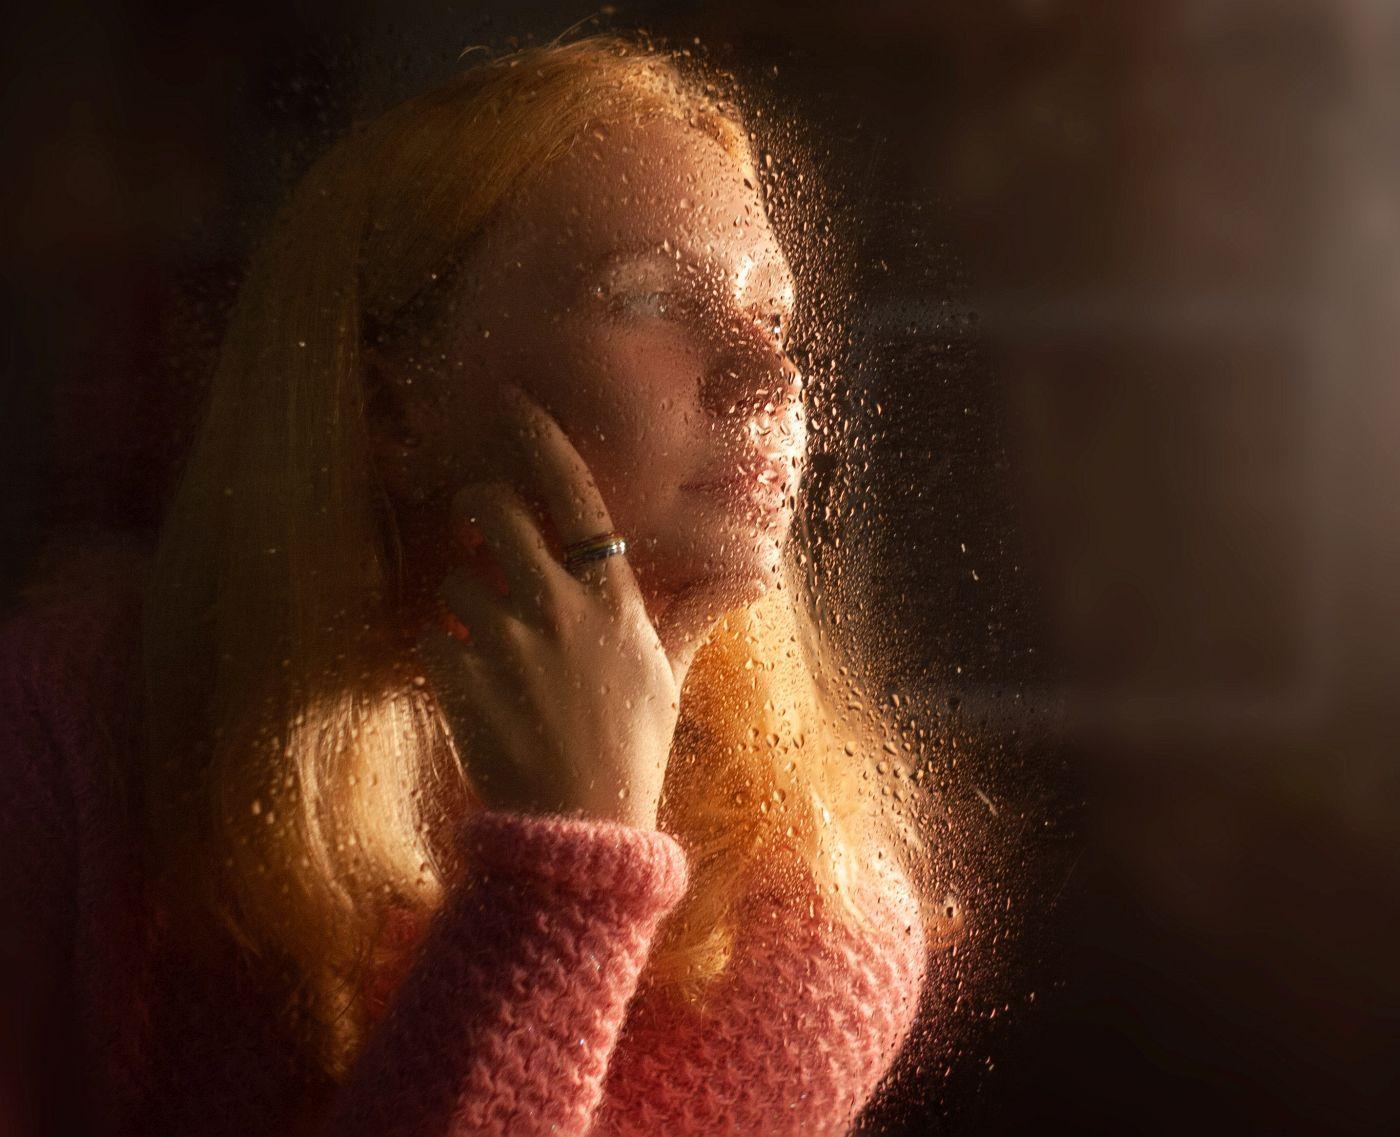 фотосъемка через стекло с глицерином значит